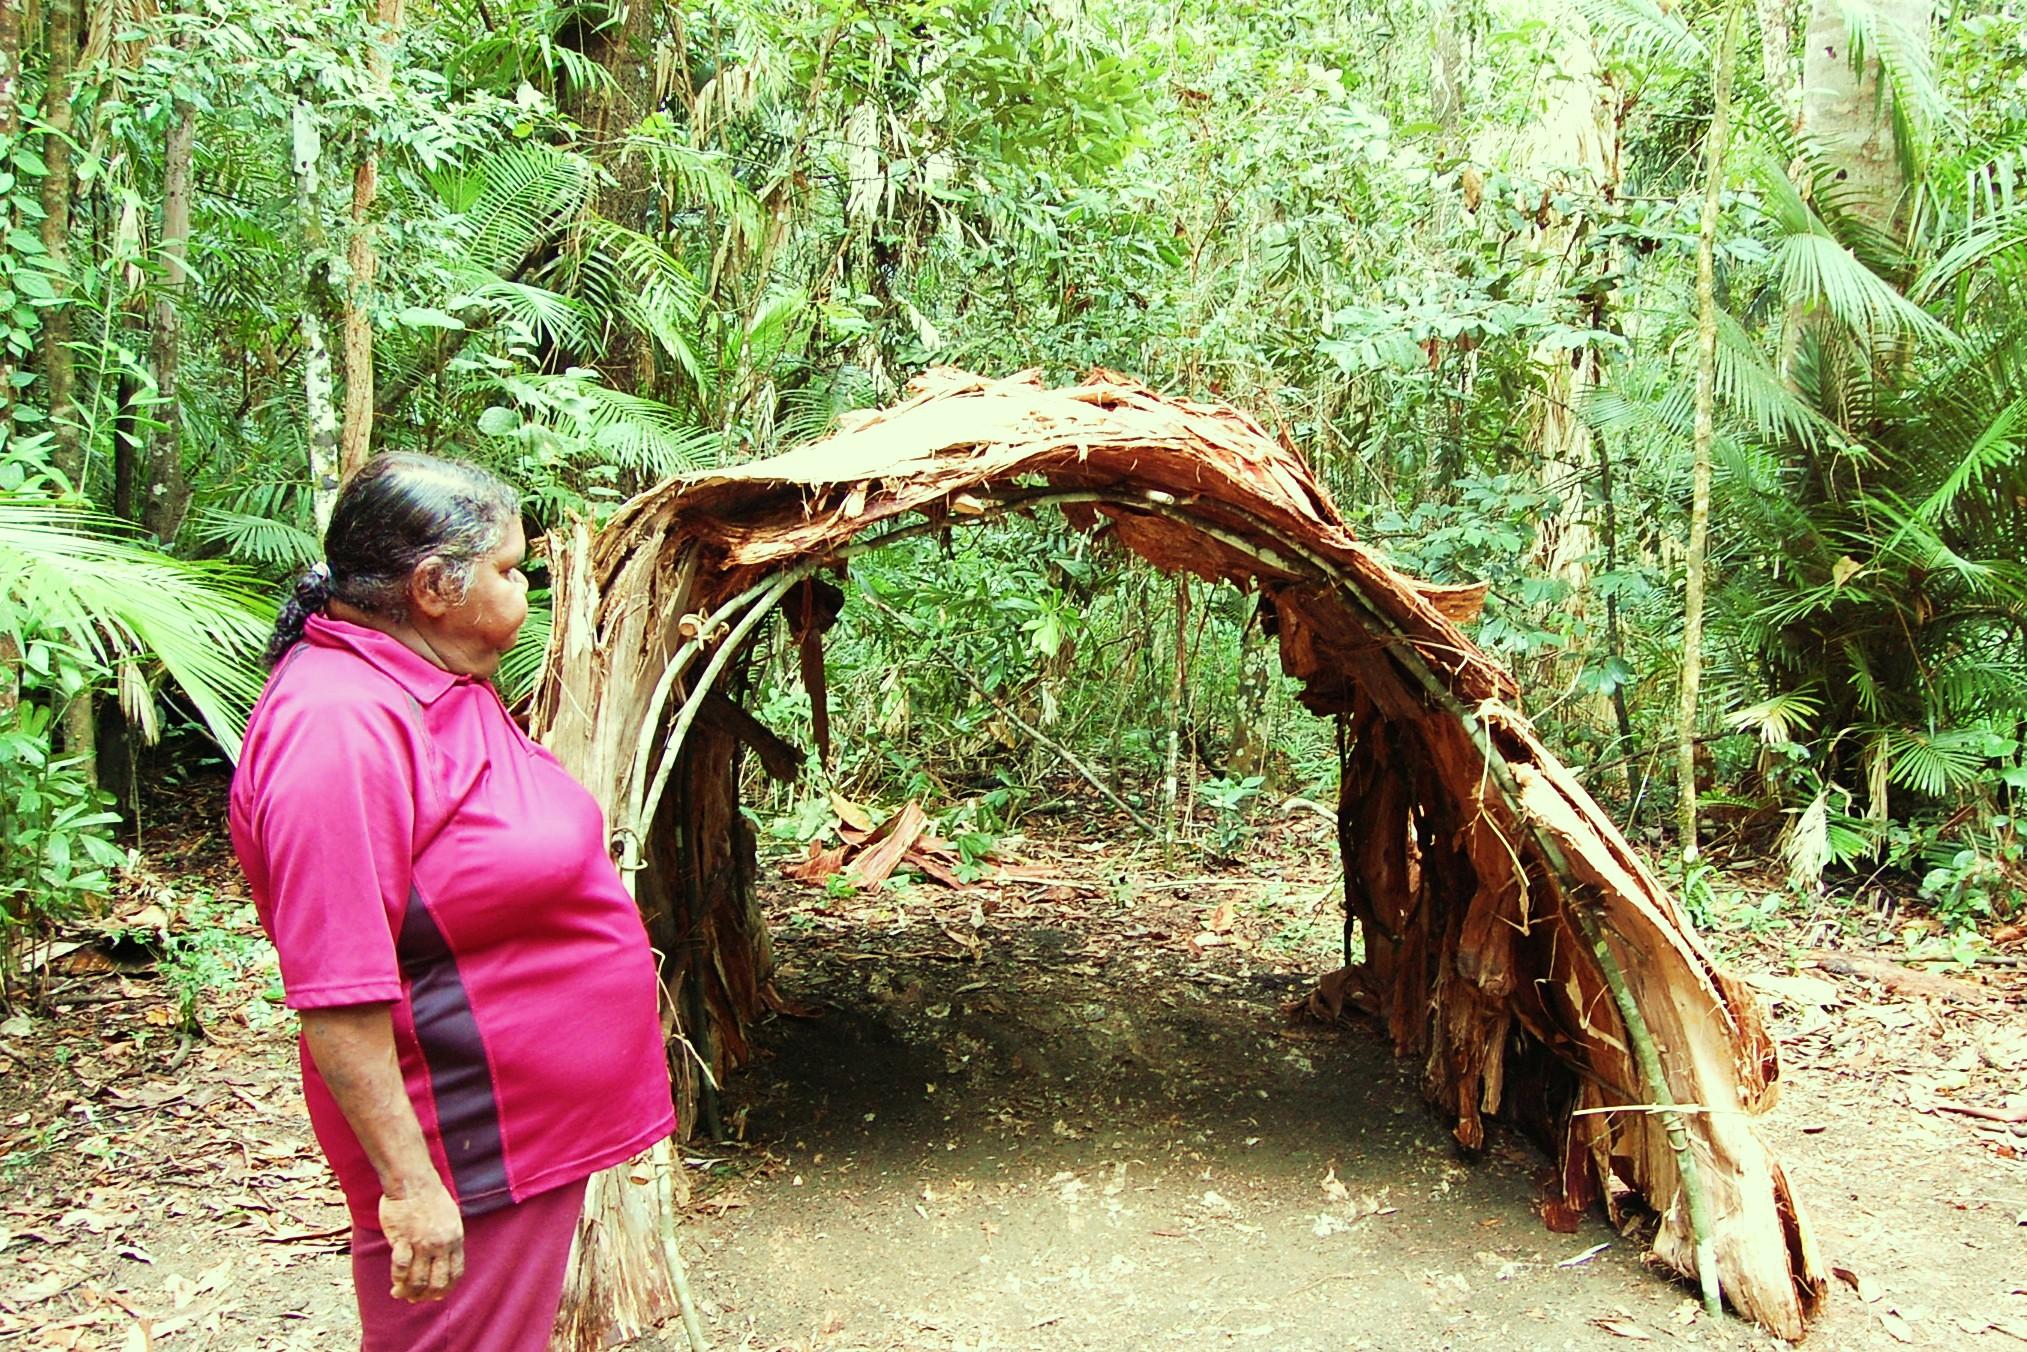 Turismo Aborigen - - Aboriginal Tourism Australia